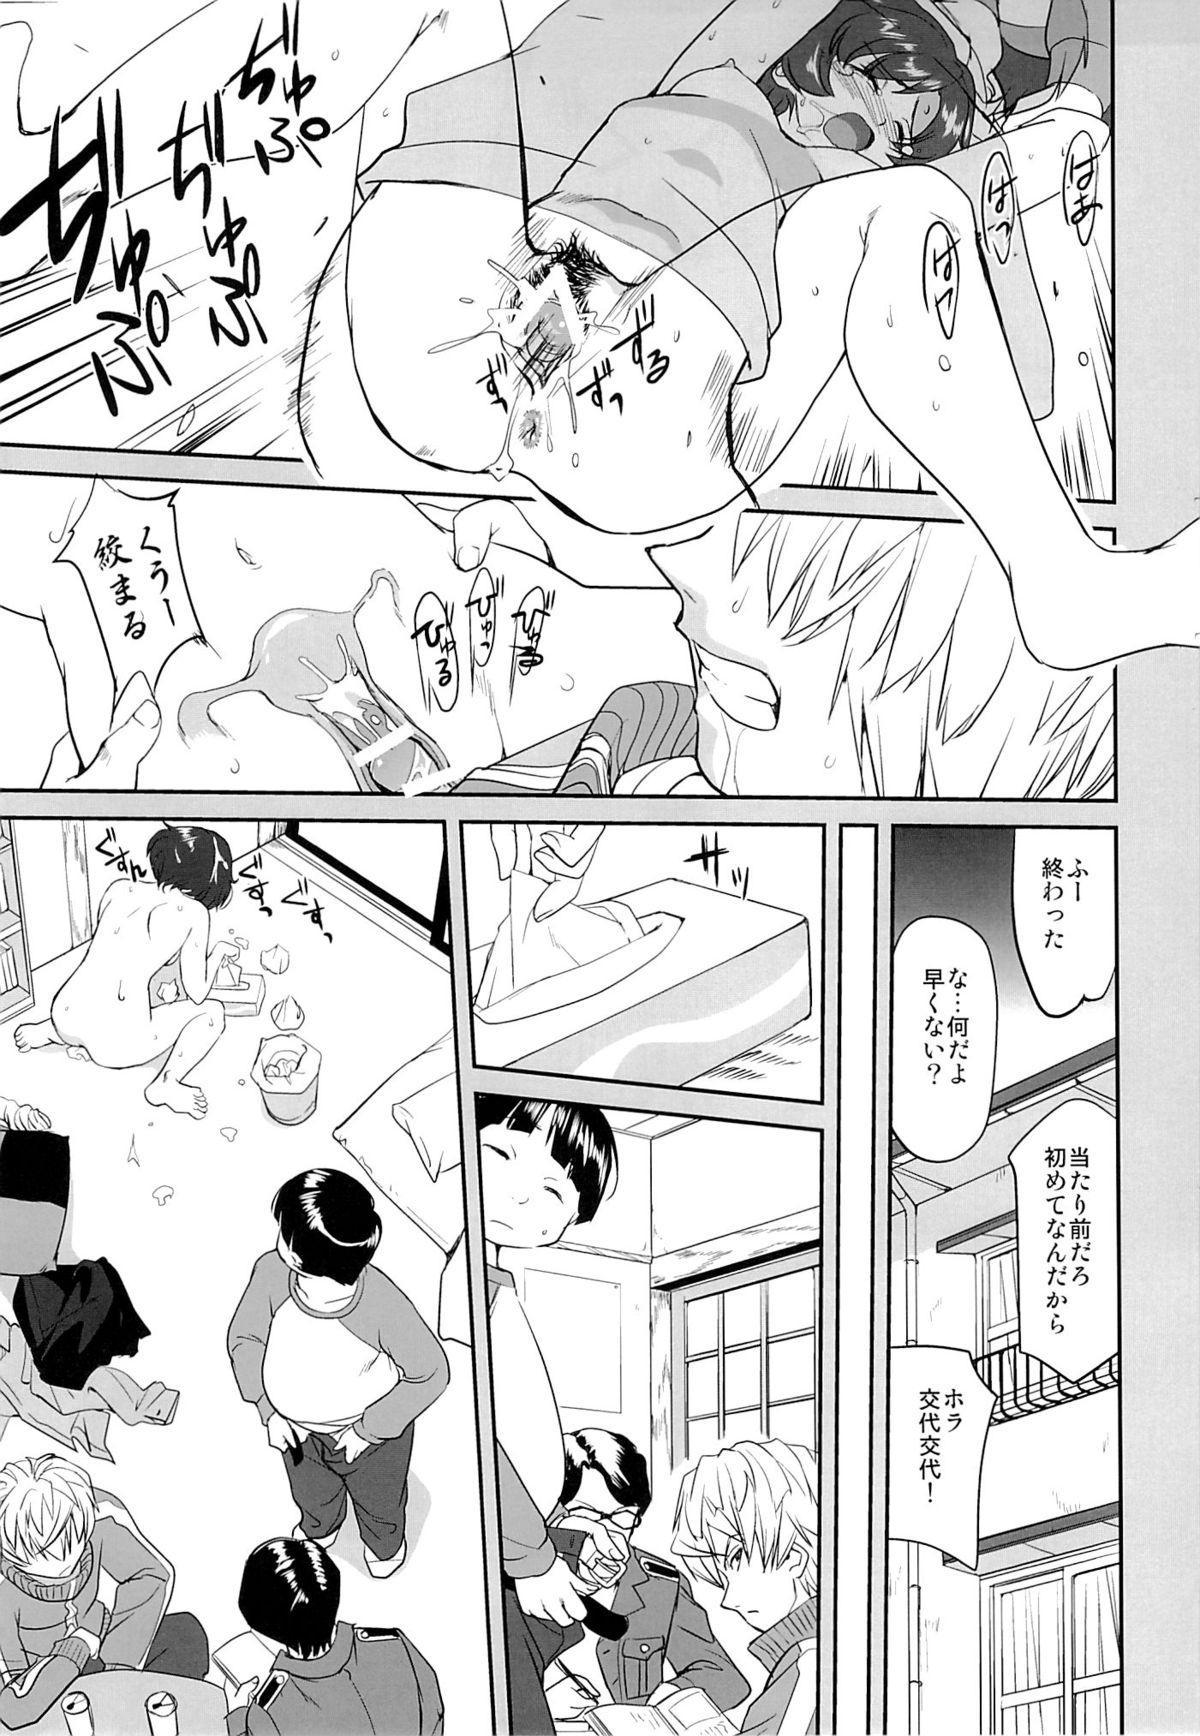 Yukiyukite Senshadou 21